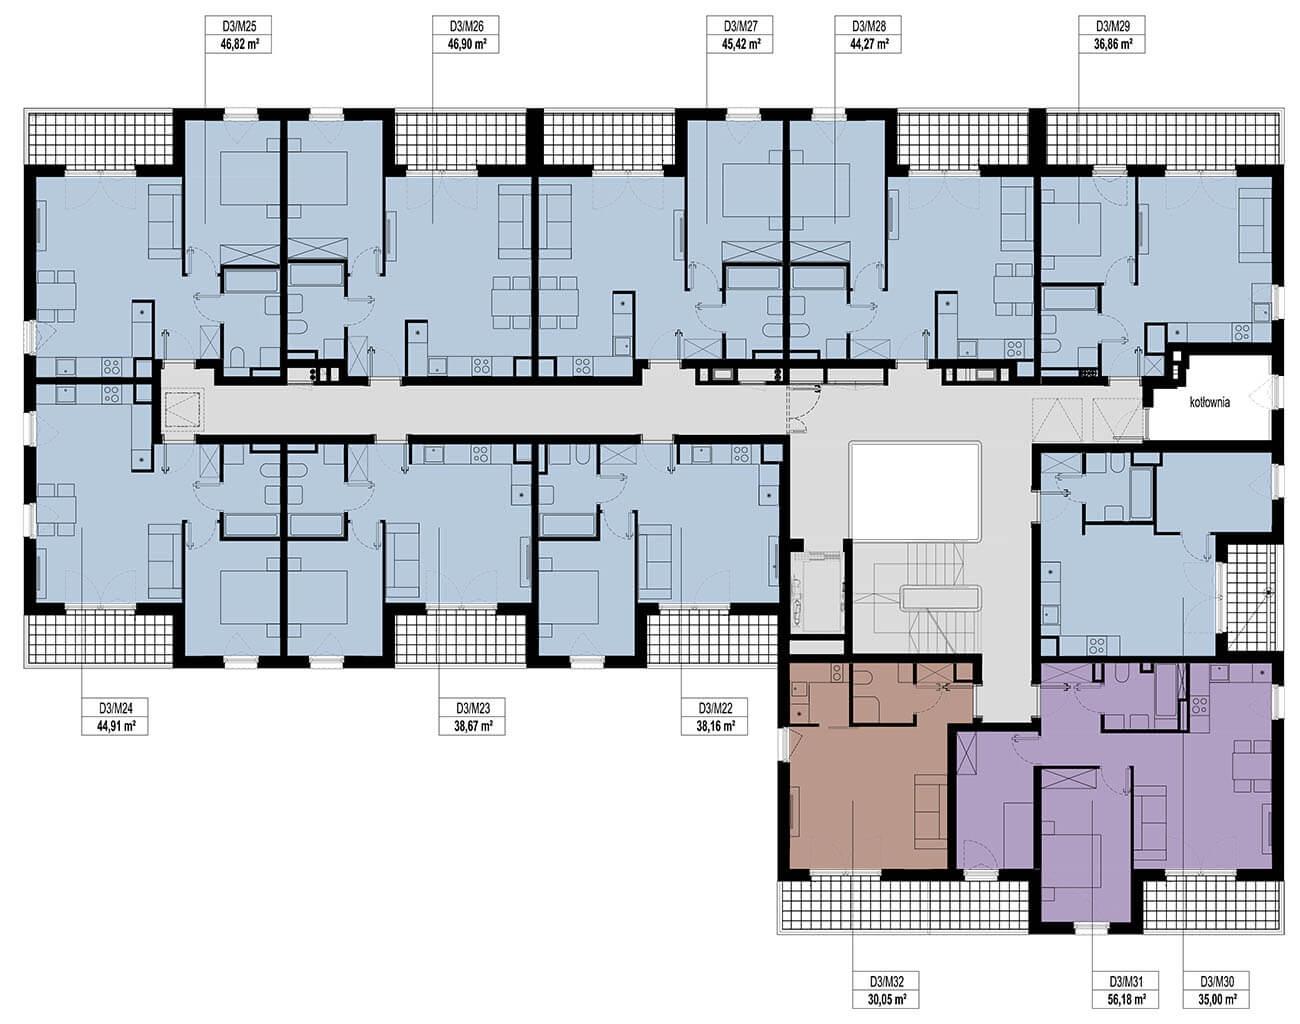 Etap 3 - Budynek D - Piętro 2